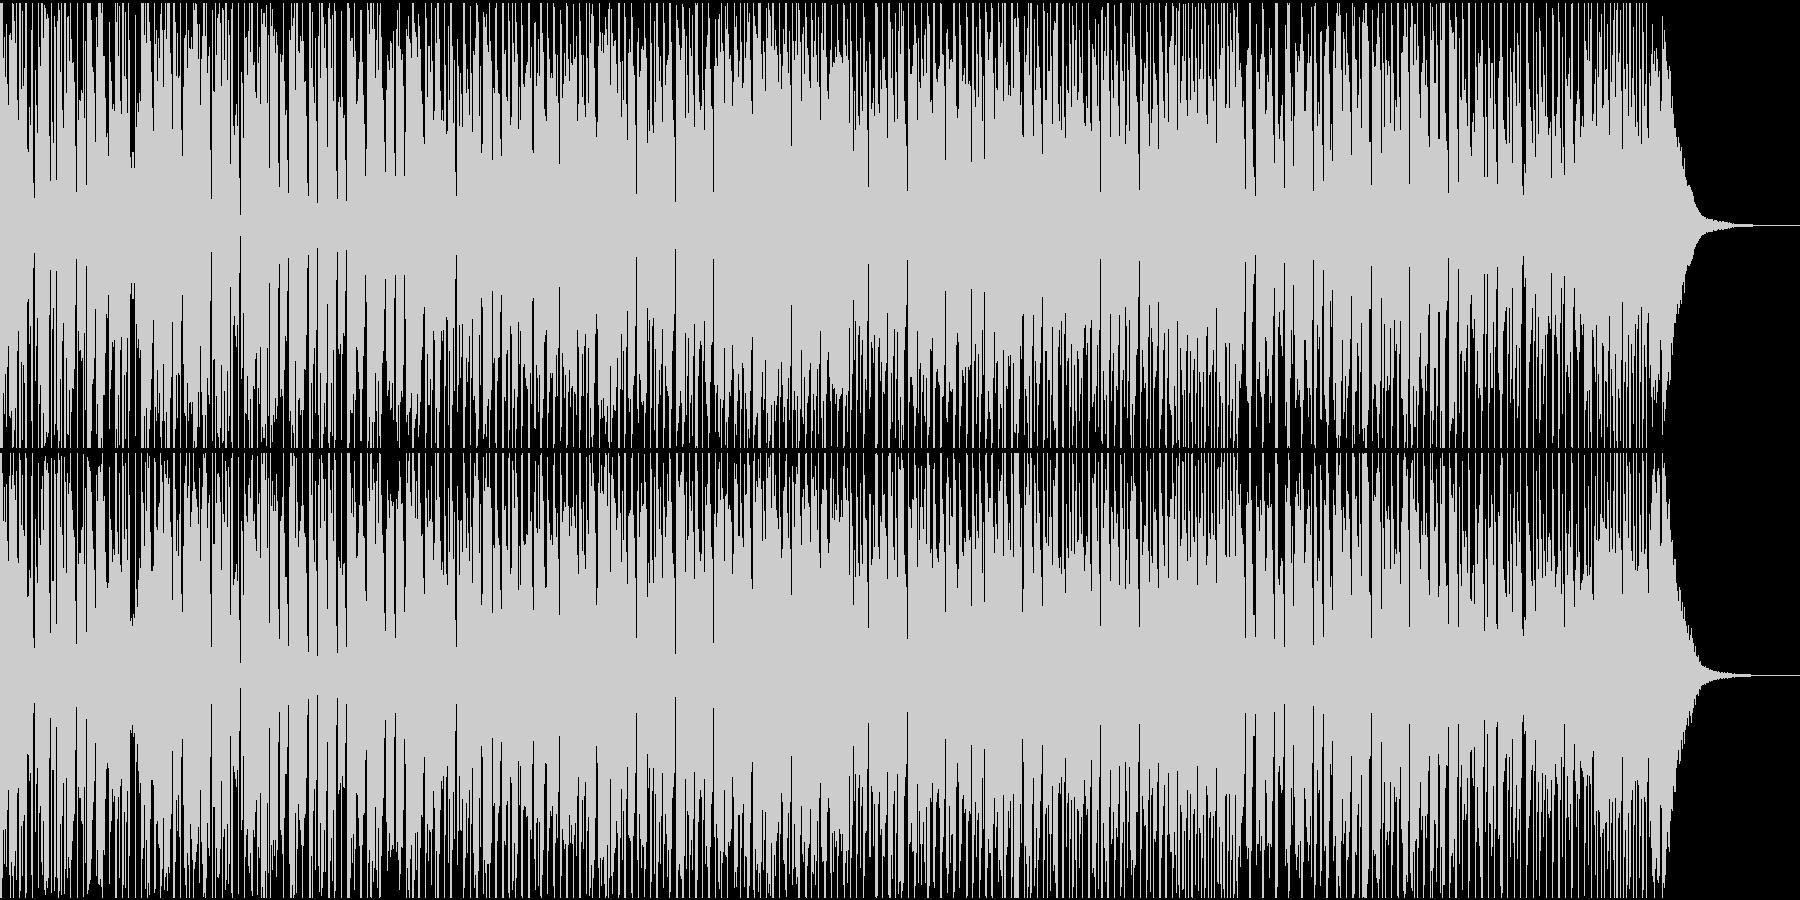 洋楽のダンスミュージックっぽいBGMの未再生の波形